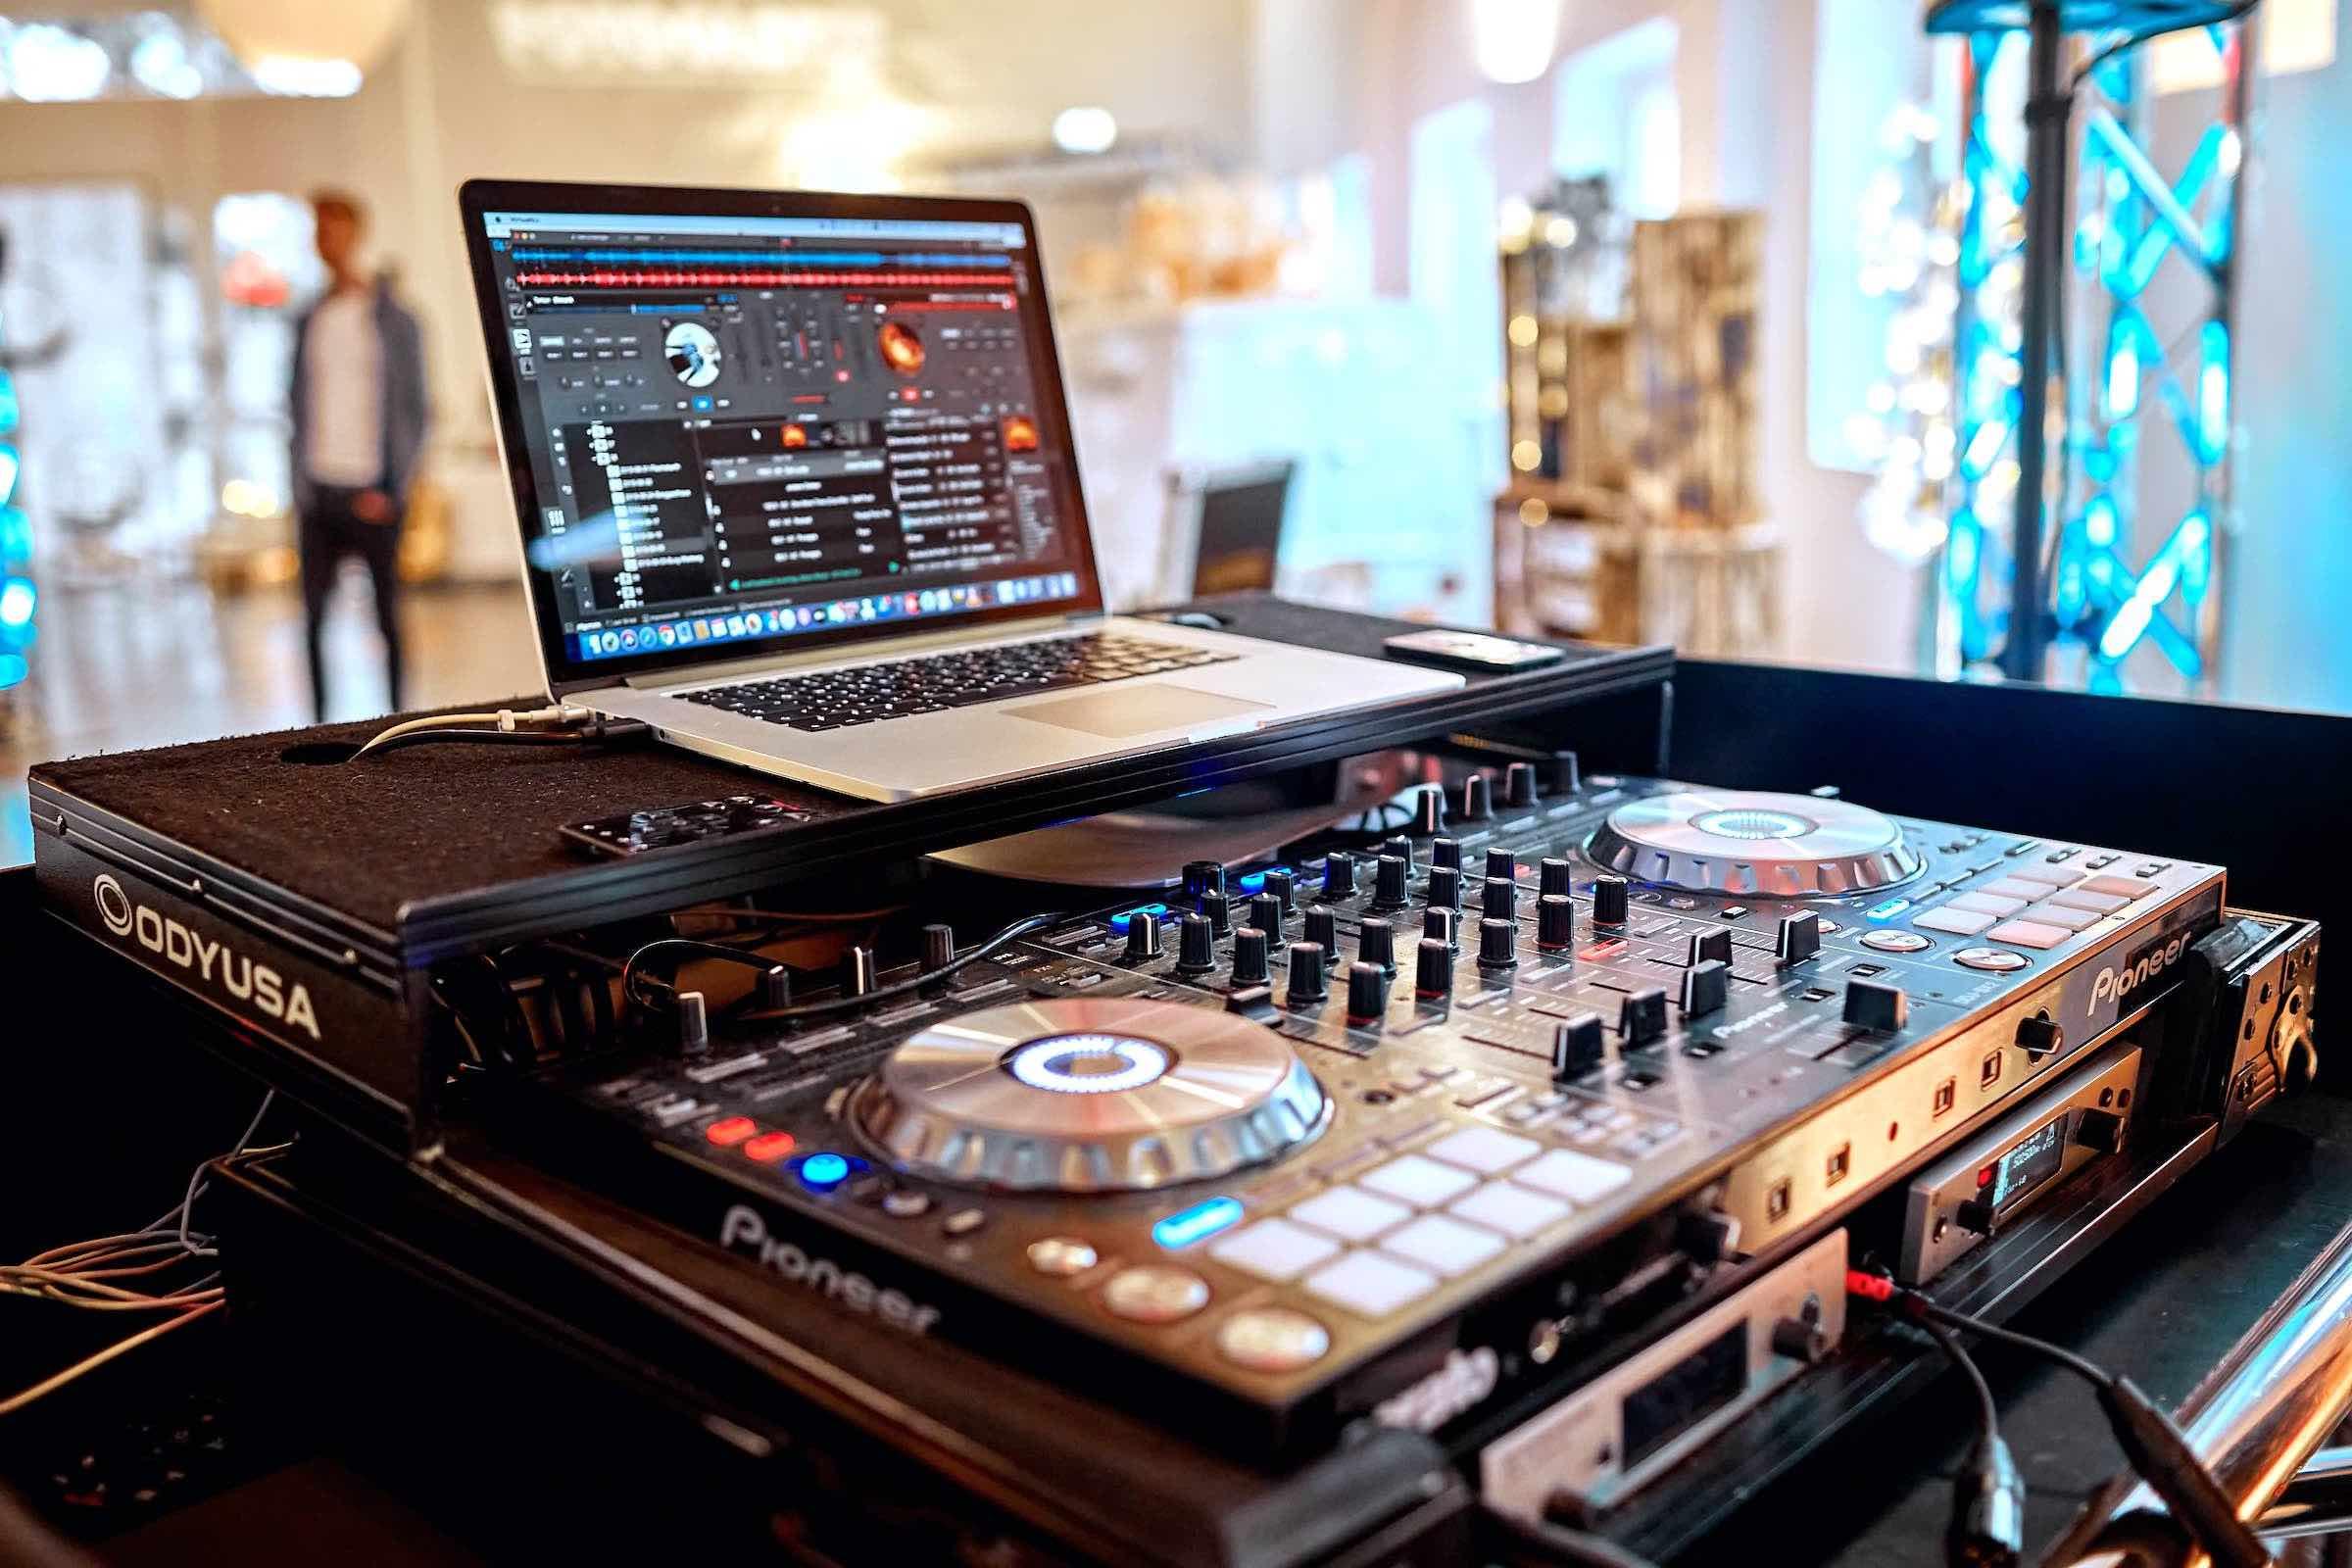 Hochzeits   DJ   Buchen   Hamburg   Discjockey   Messe   DJ   Event   DJ   Geburtstag   DJ   Mieten   Anfragen   DJ   Agentur   DJ   Marvin   Hamburgfeiert